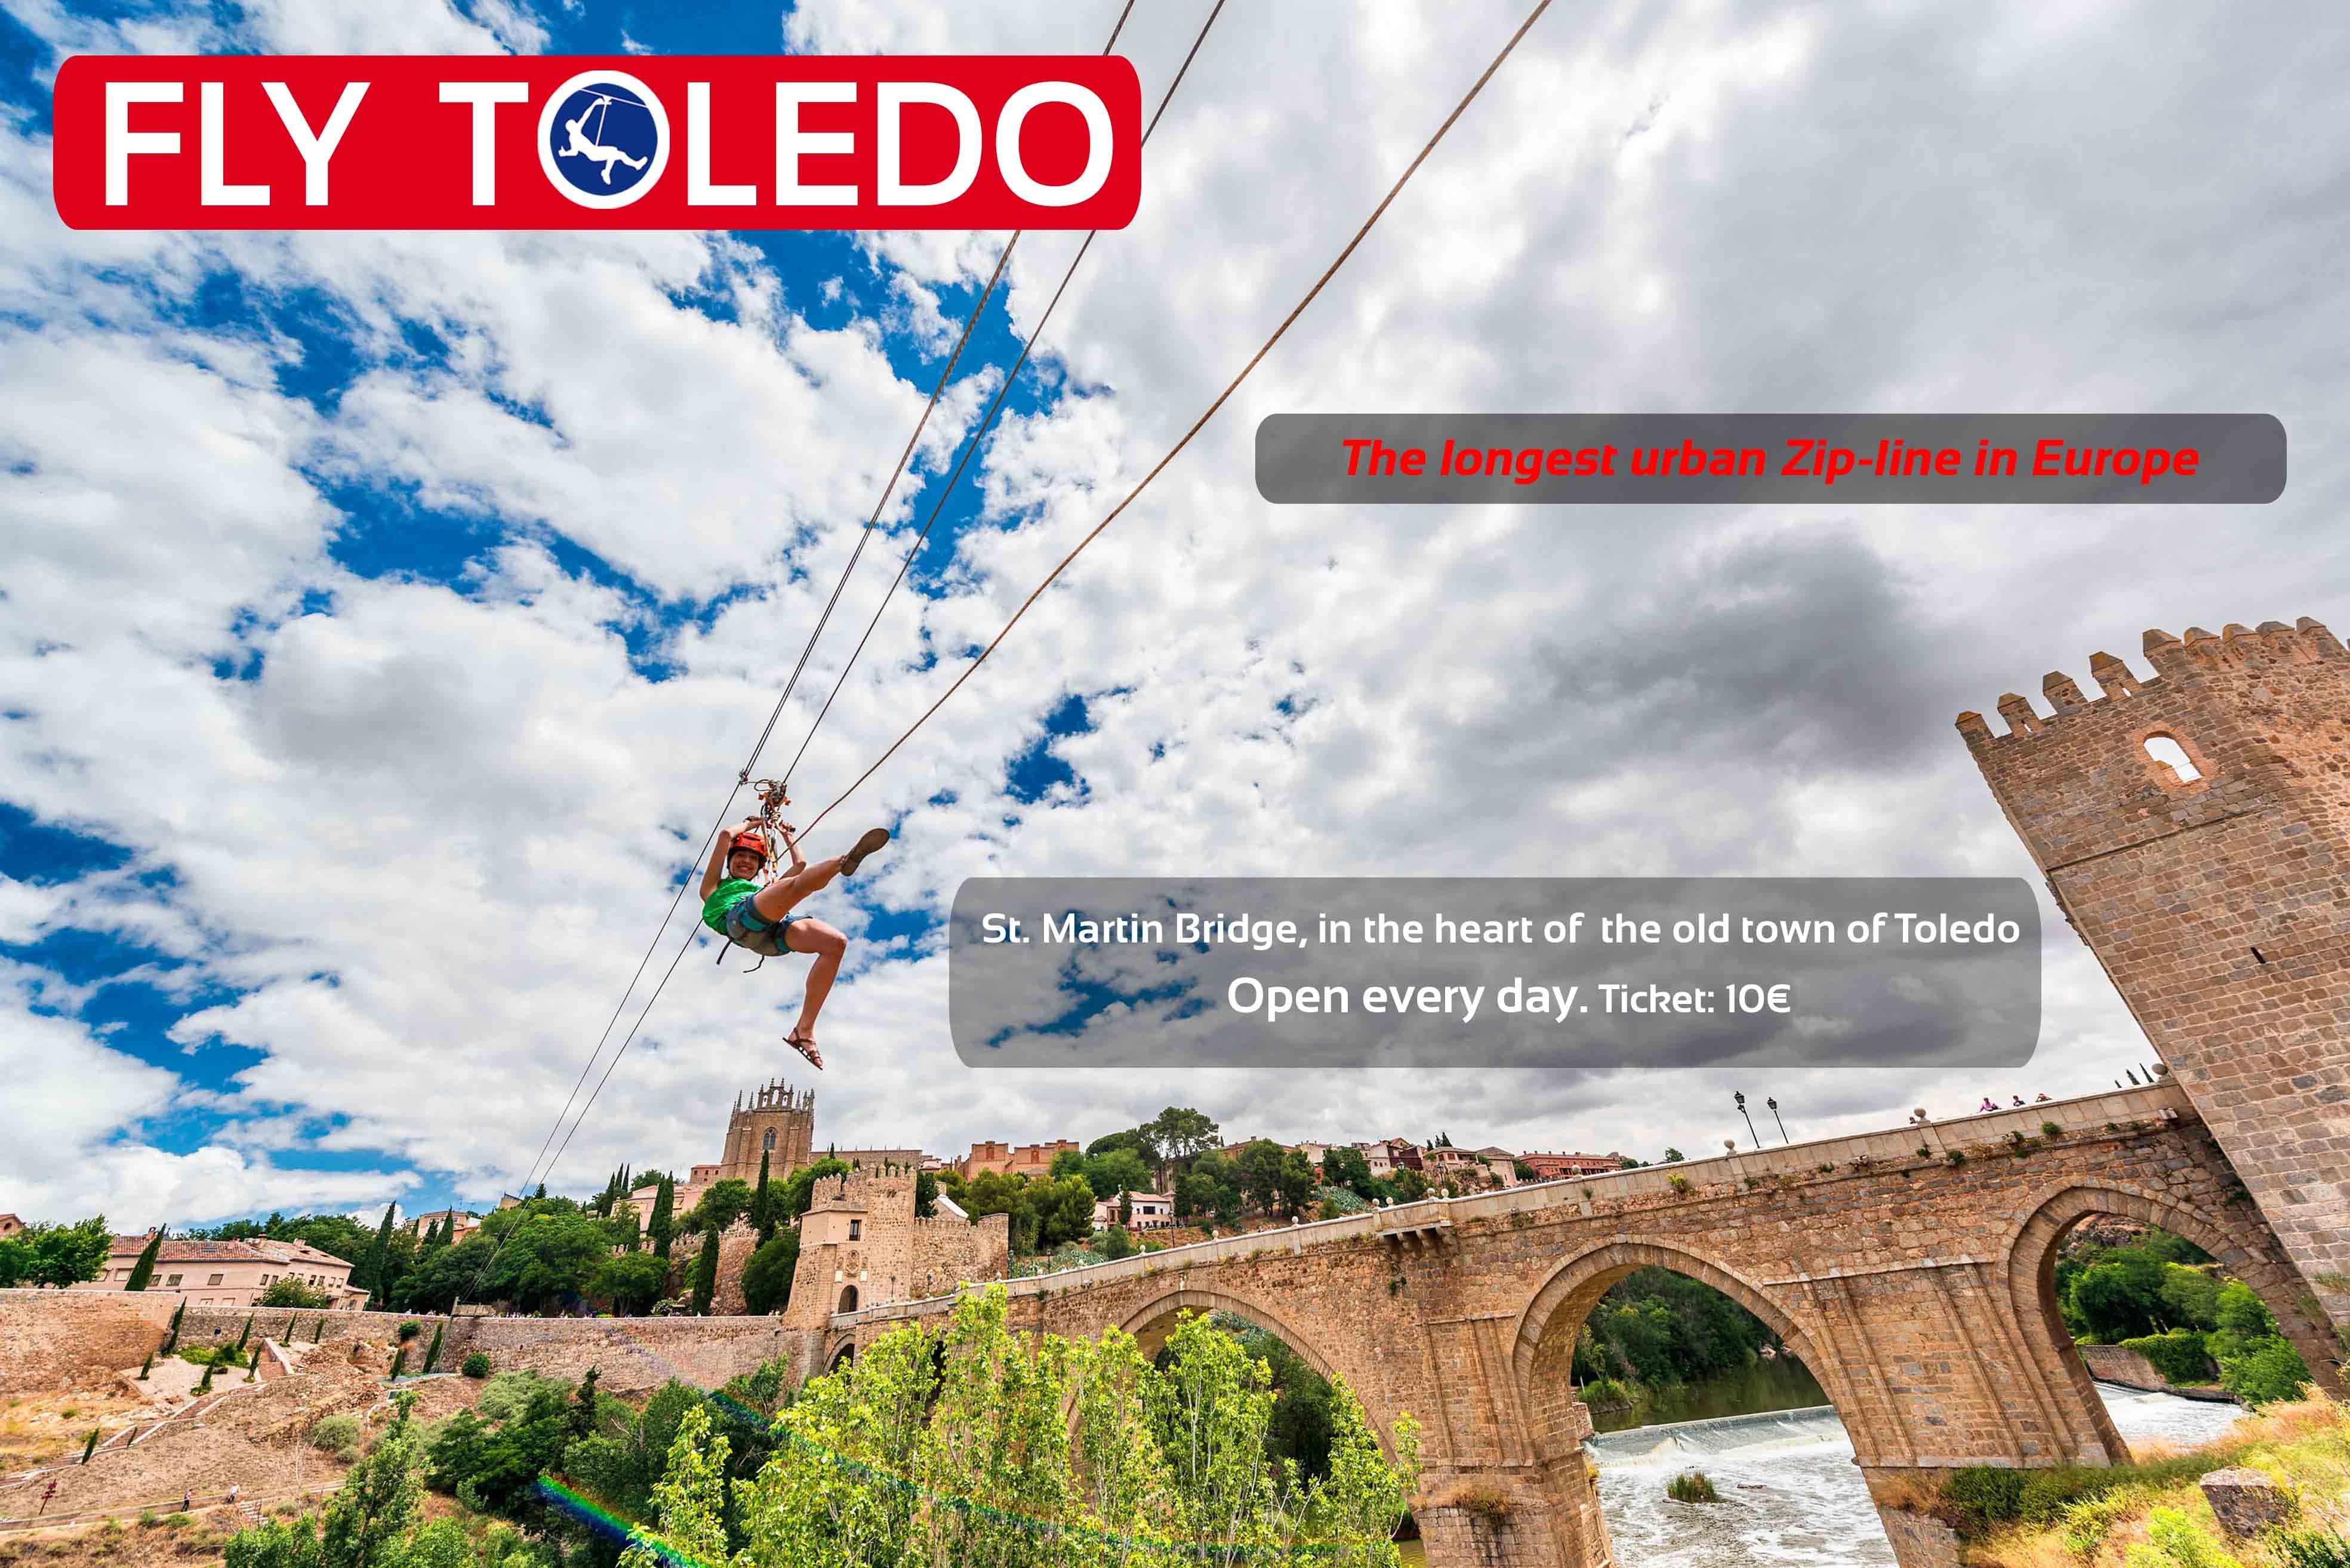 Fly Toledo Turismo Aventura Tirolina Visit Toledo Ziplining Old Town Toledo